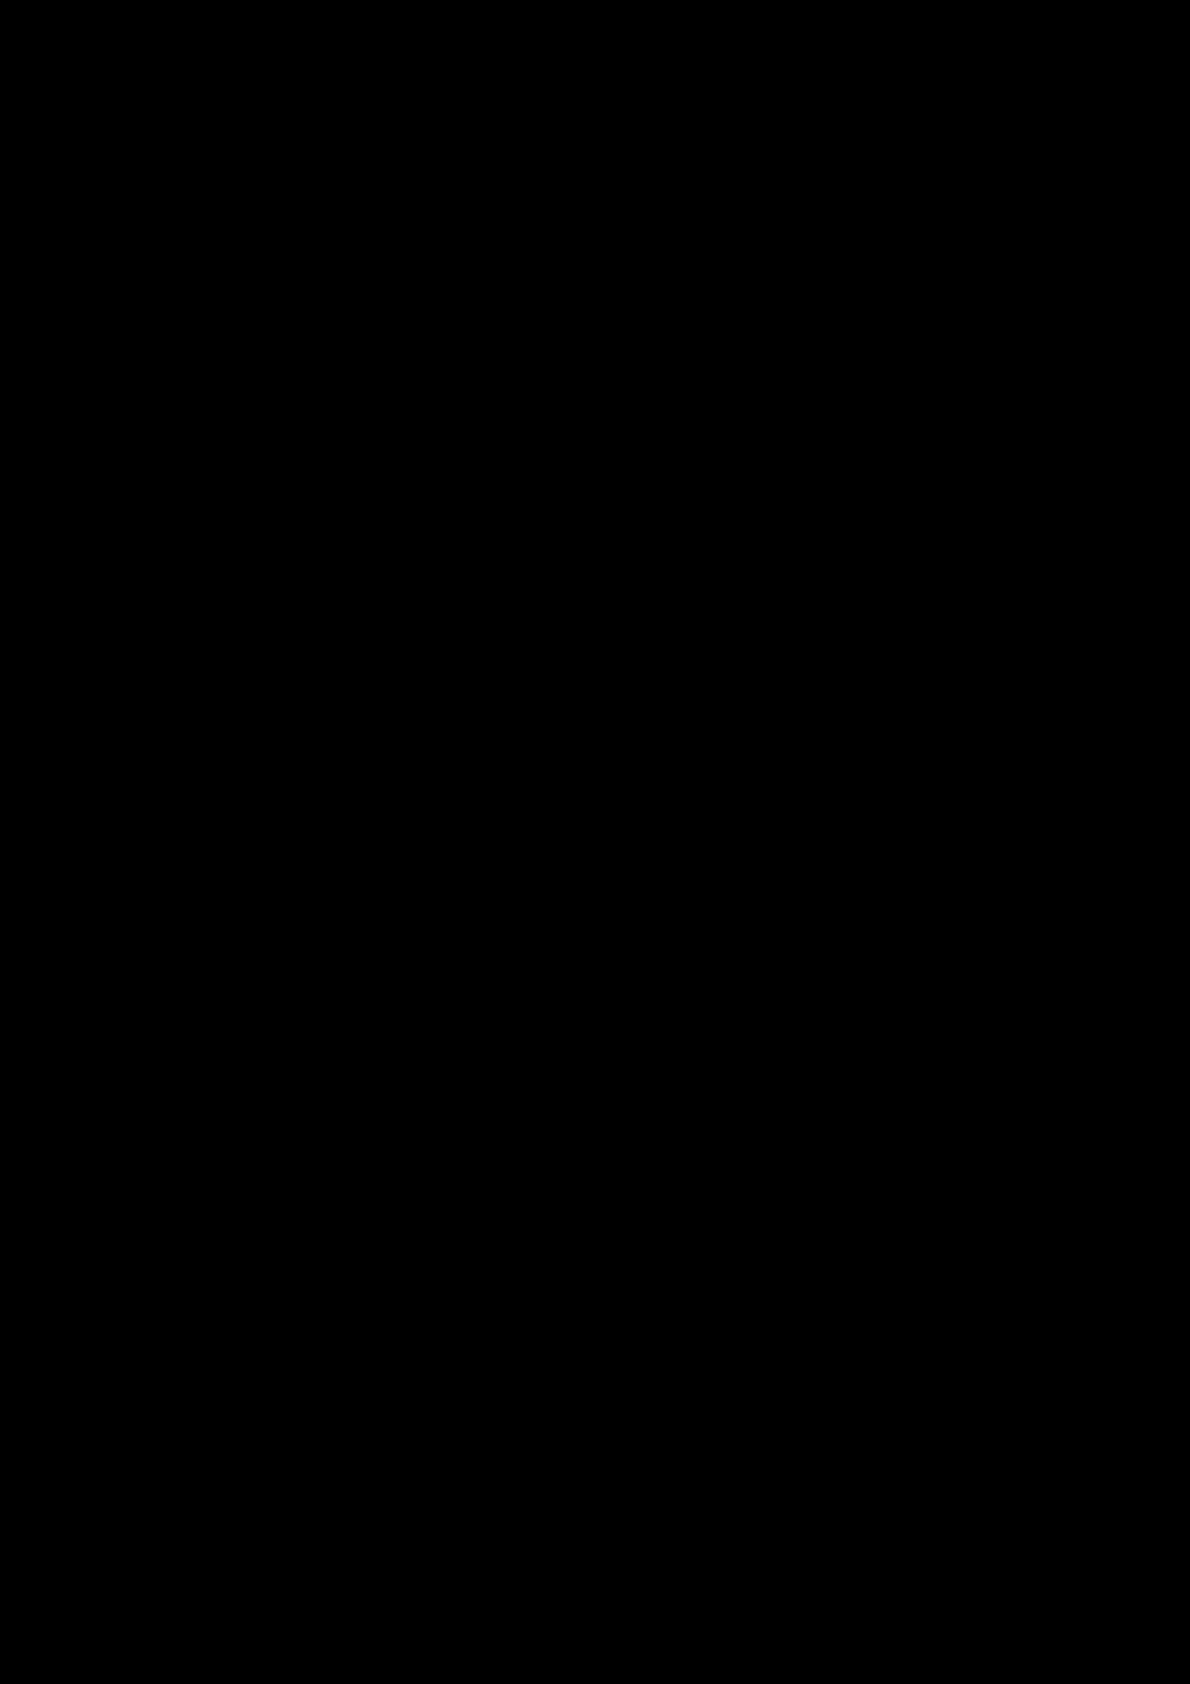 Autopia-presenta/specimen-autopia-c-light.png